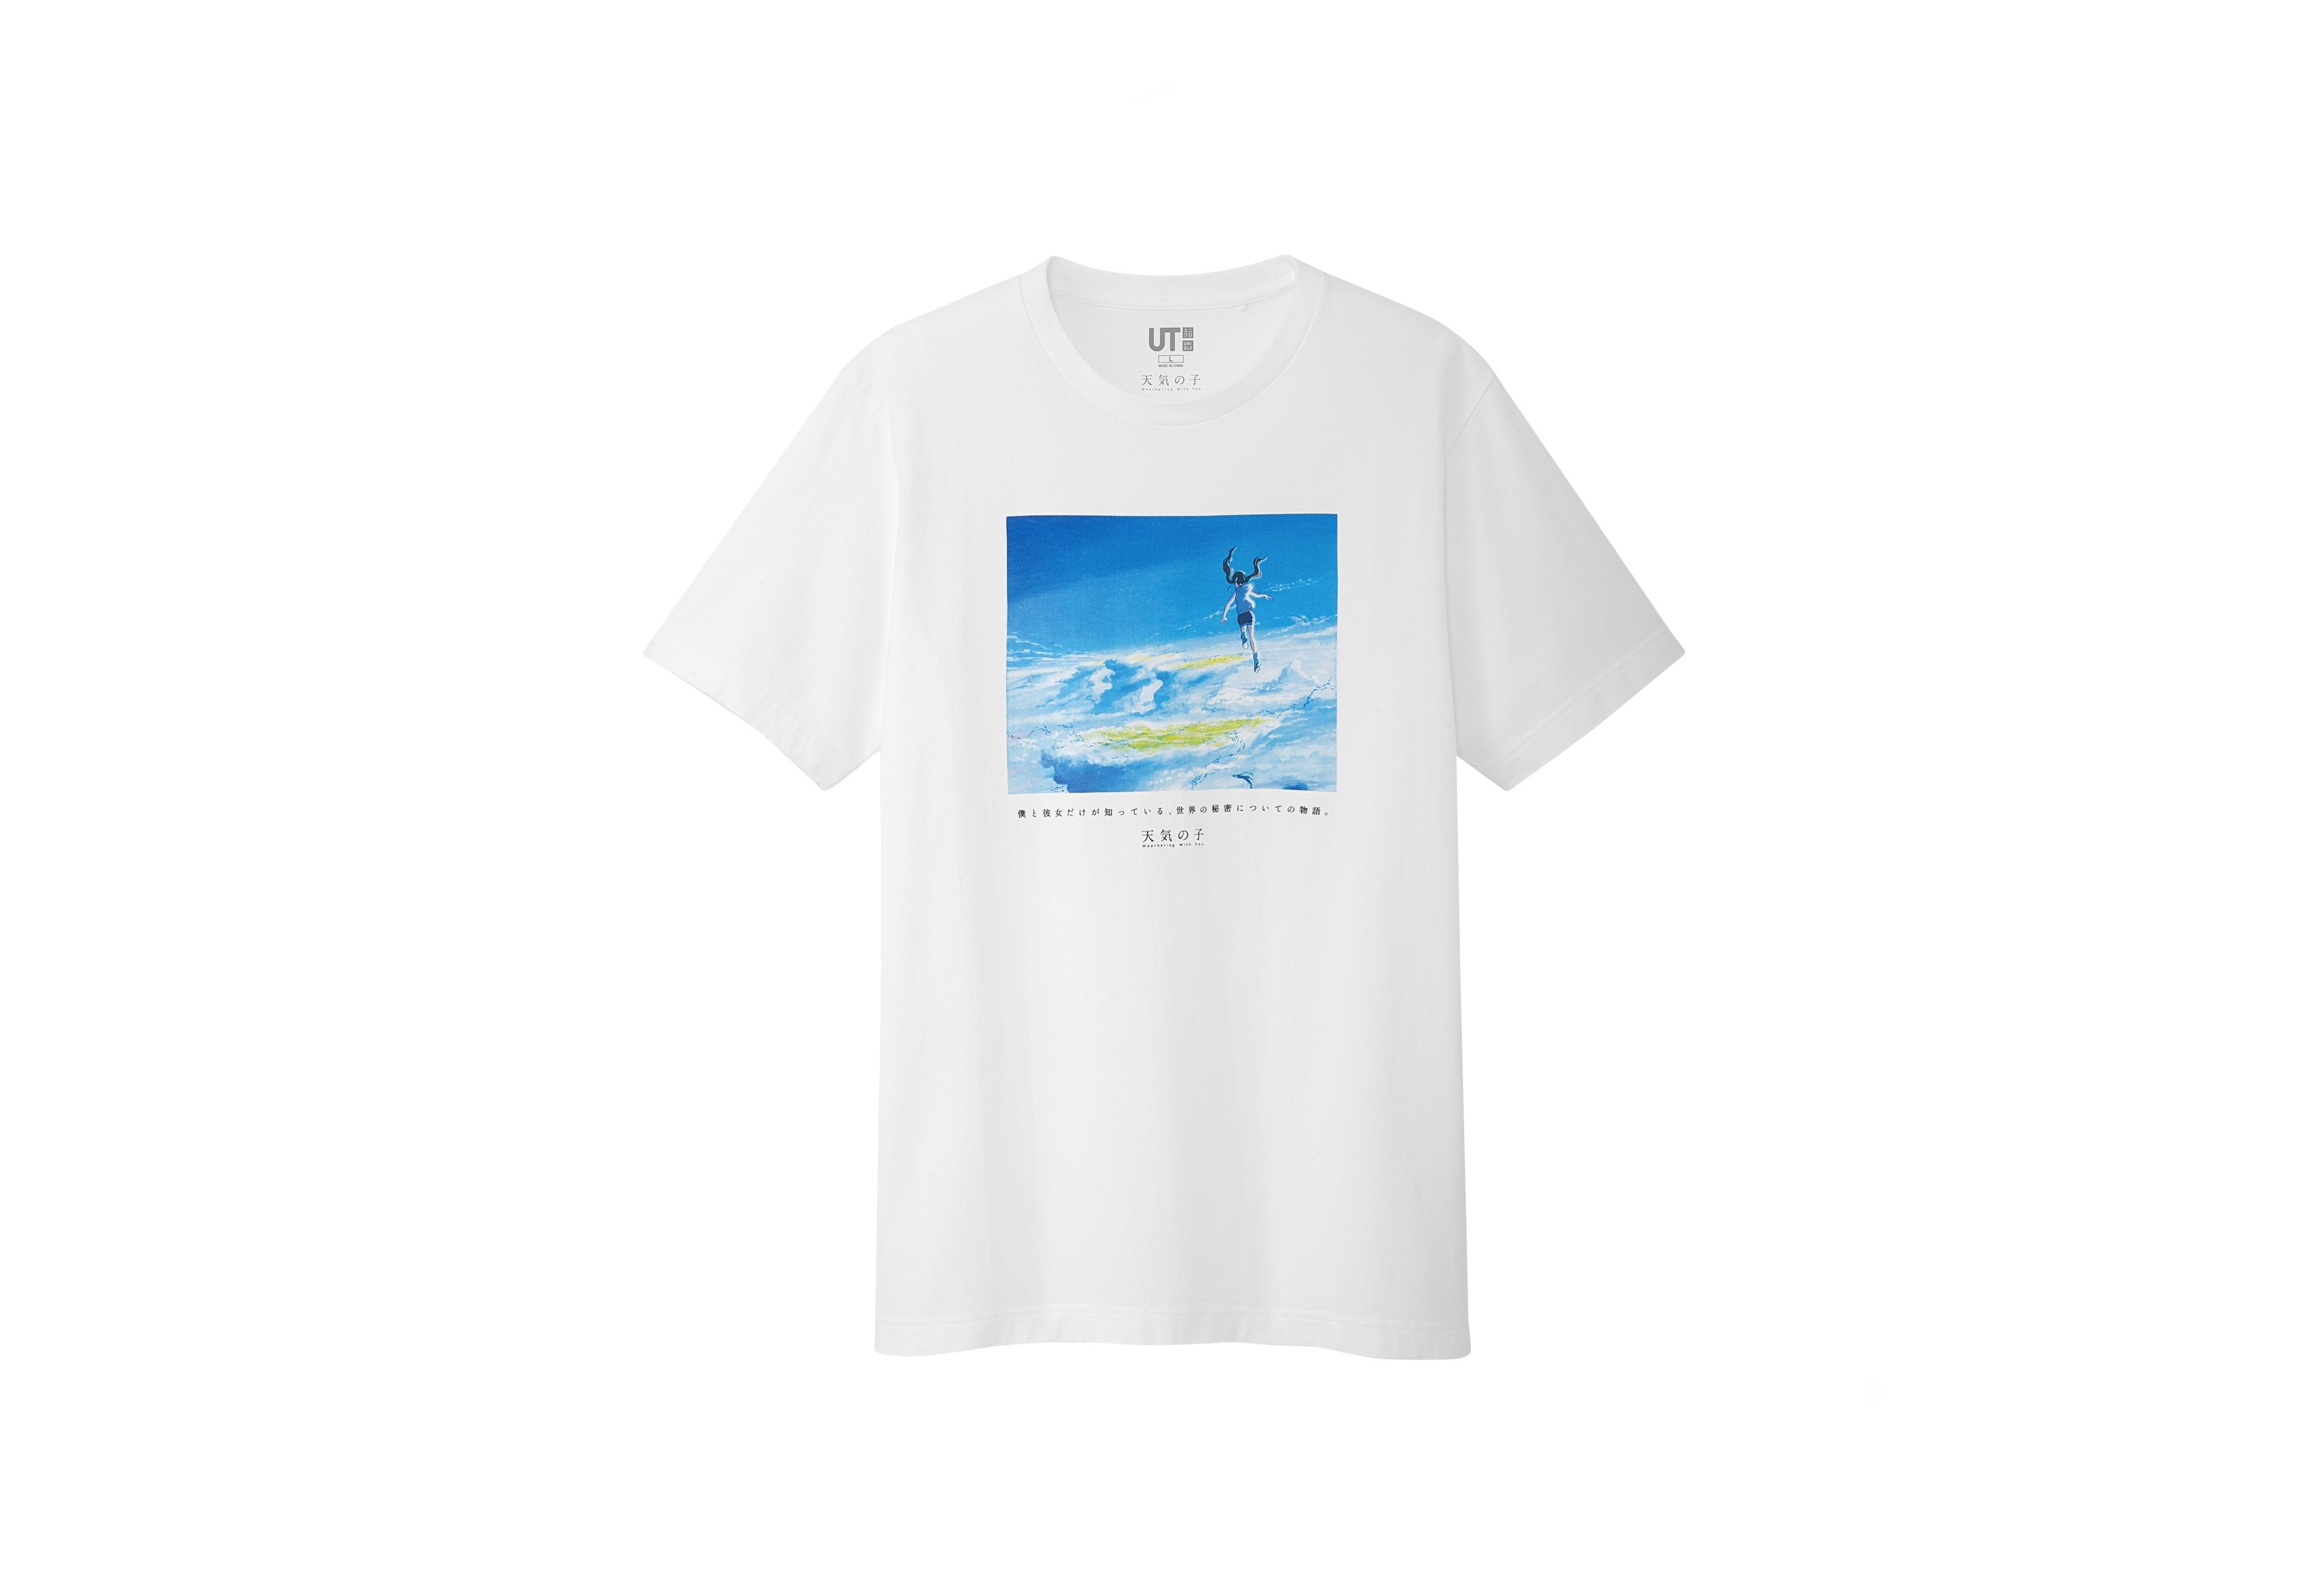 新海誠監督が描く「空」テーマに<br>「UT」新Tシャツコレクション